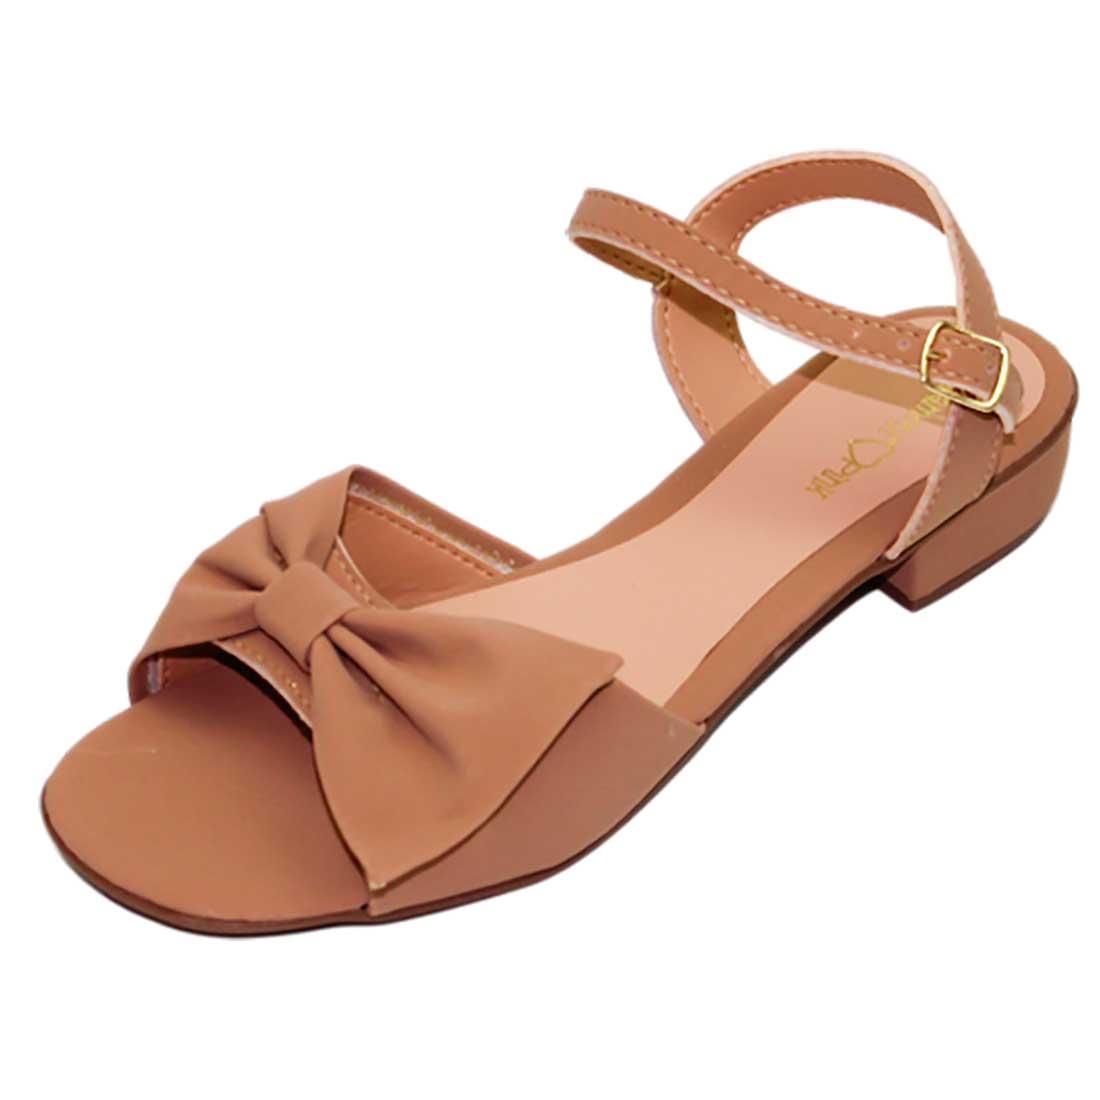 Sandália Salto Baixo com Laço - Bege